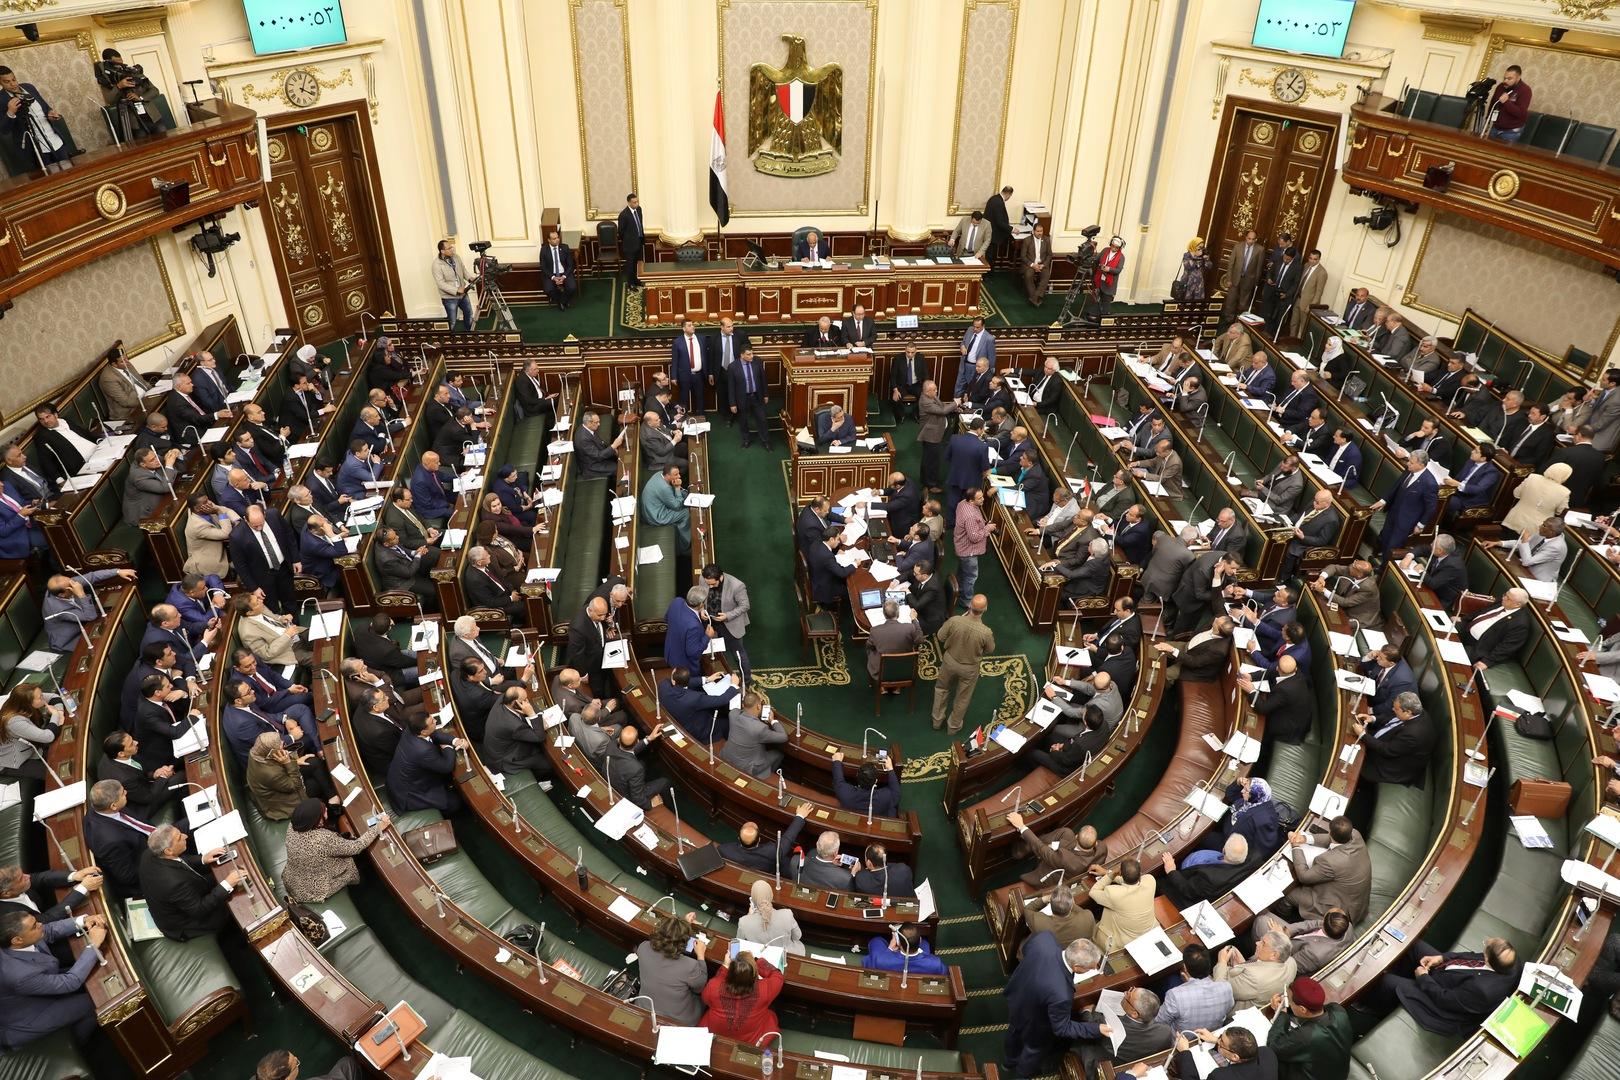 مجلس النواب المصري يوافق على قانون يمنع ترشح الضباط للرئاسة إلا بشروط